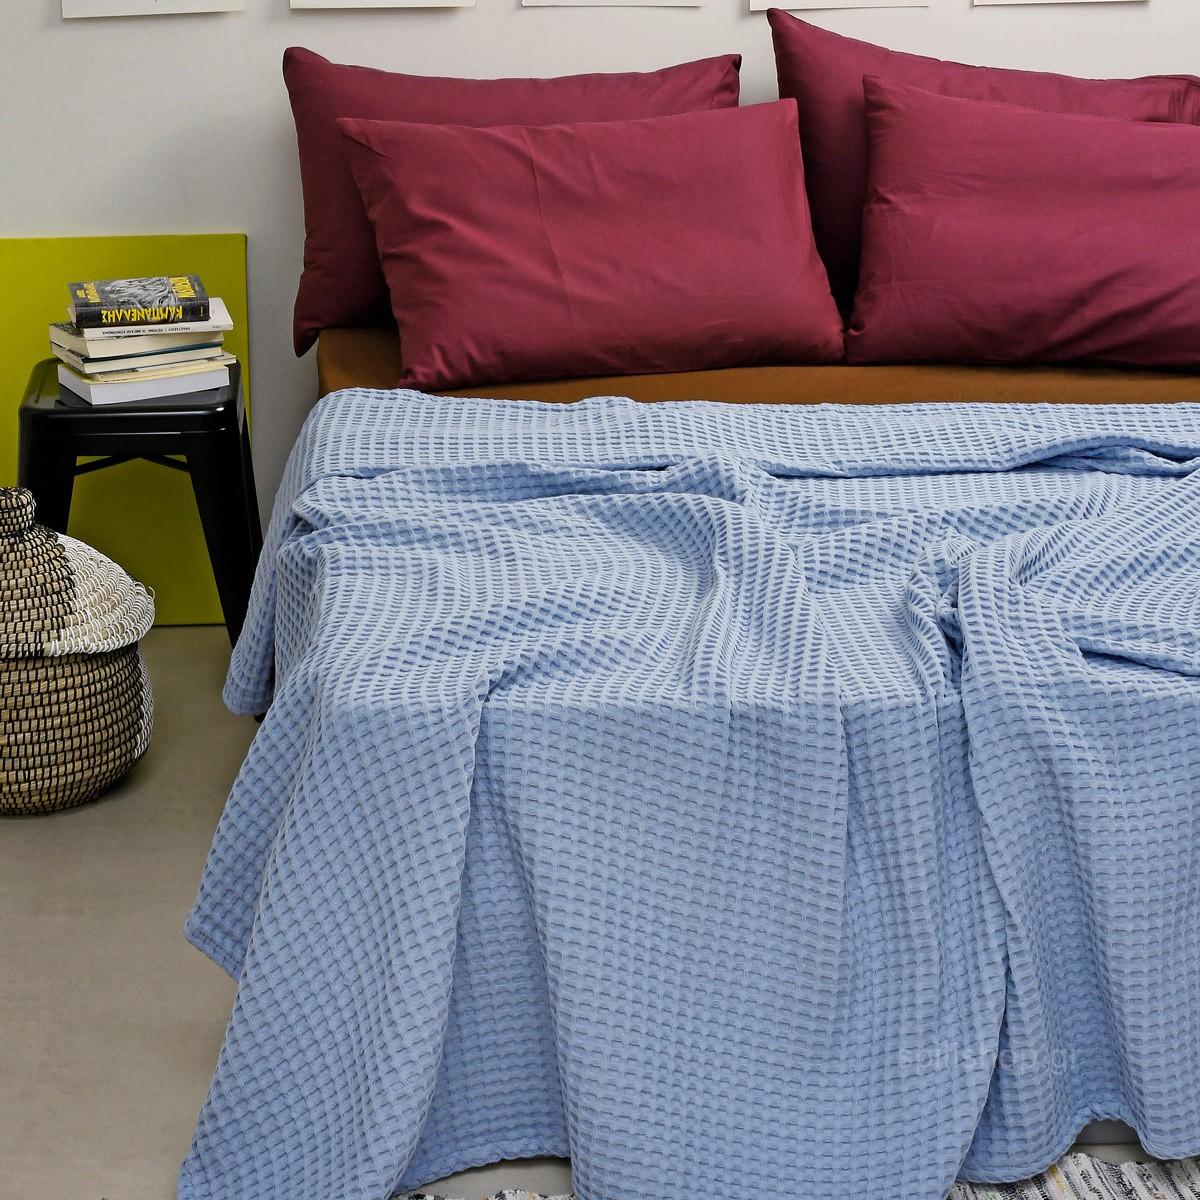 Κουβέρτα Πικέ King Size Melinen Bristol Jean home   κρεβατοκάμαρα   κουβέρτες   κουβέρτες πικέ υπέρδιπλες